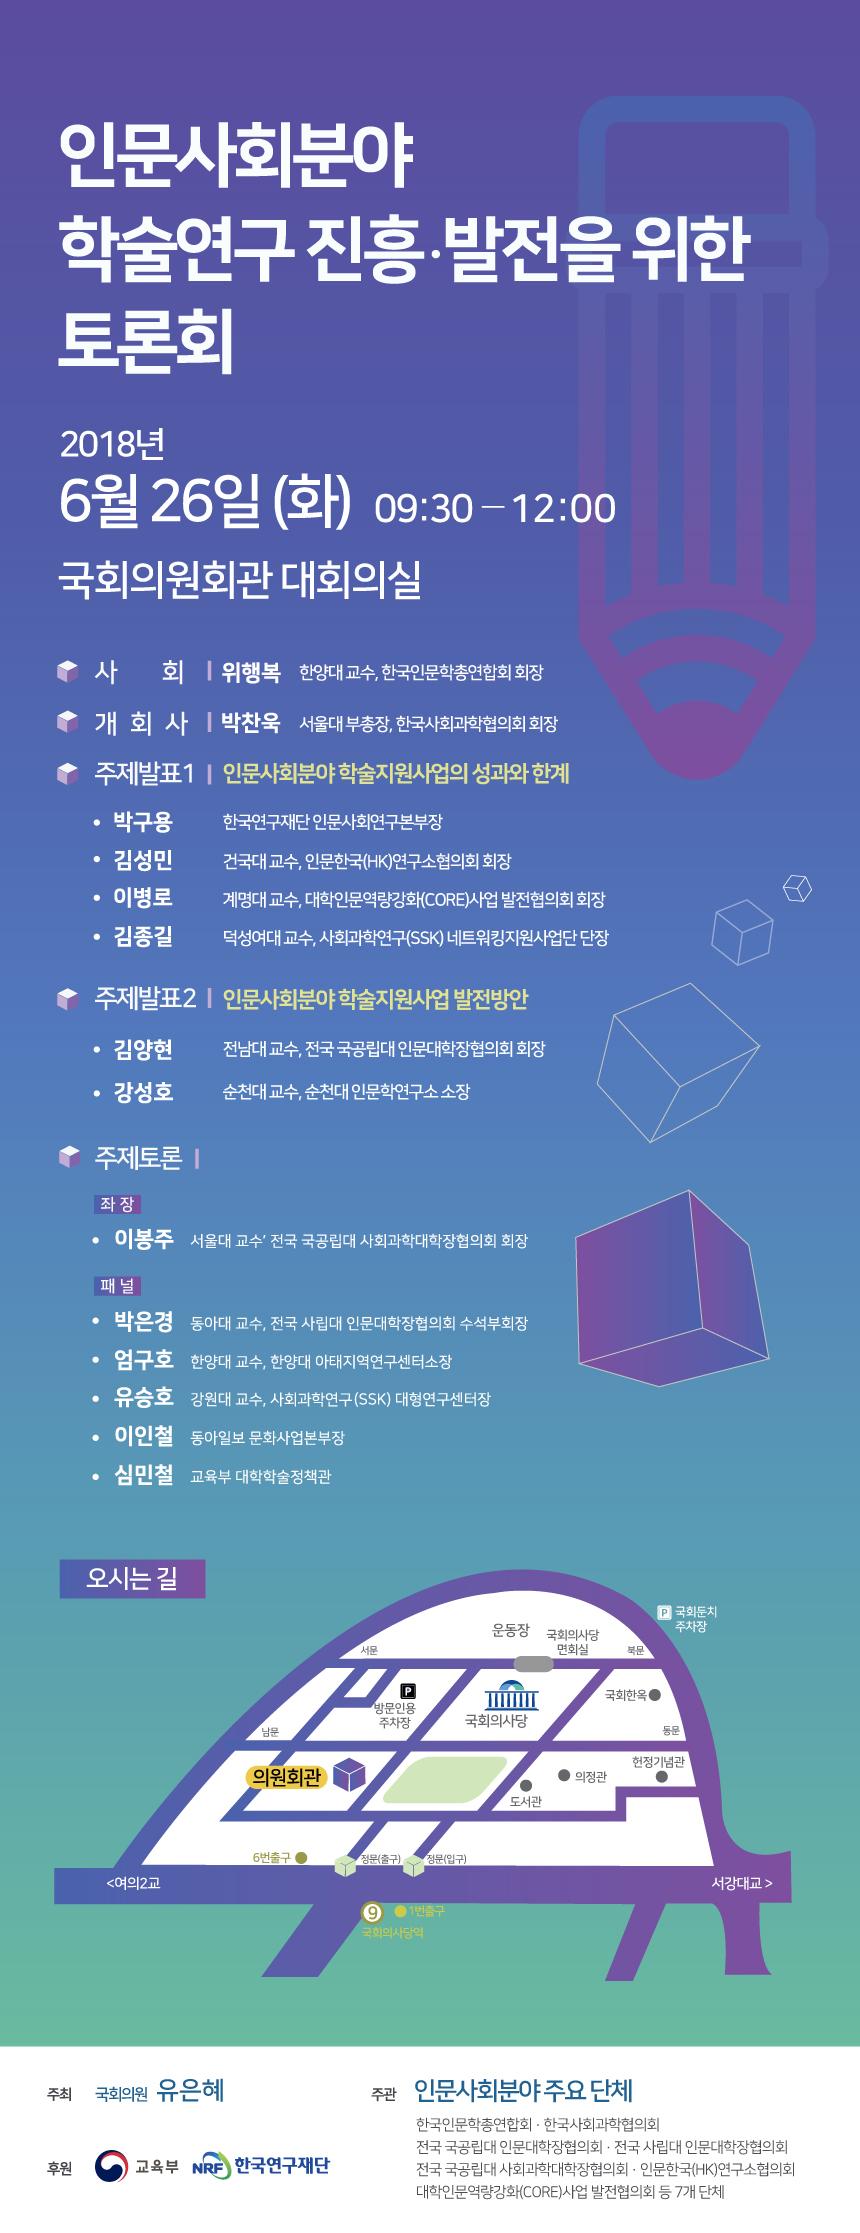 03(eDM) 인문사회분야 학술연구 진흥 발전을 위한 국회 토론회 포스터